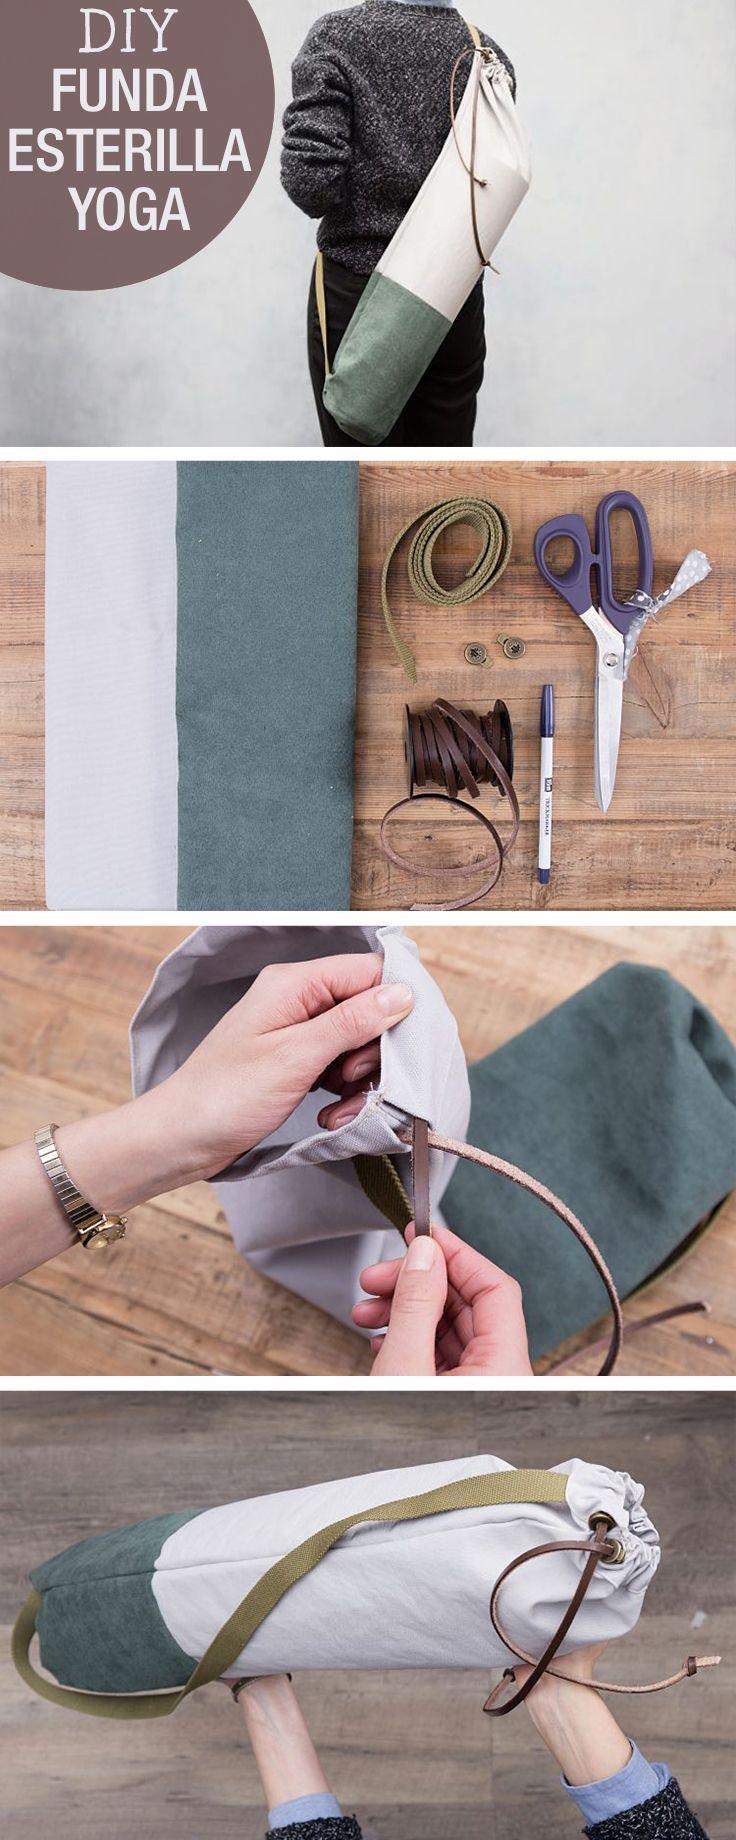 Tutorial DIY: Cómo hacer una bolsa para esterilla de yoga en DaWanda.es #bolso #bag #design #diseño #hechoamano #handmade #DIY #manualidades #costura #sewing #yoga #estilosdevida #DaWanda